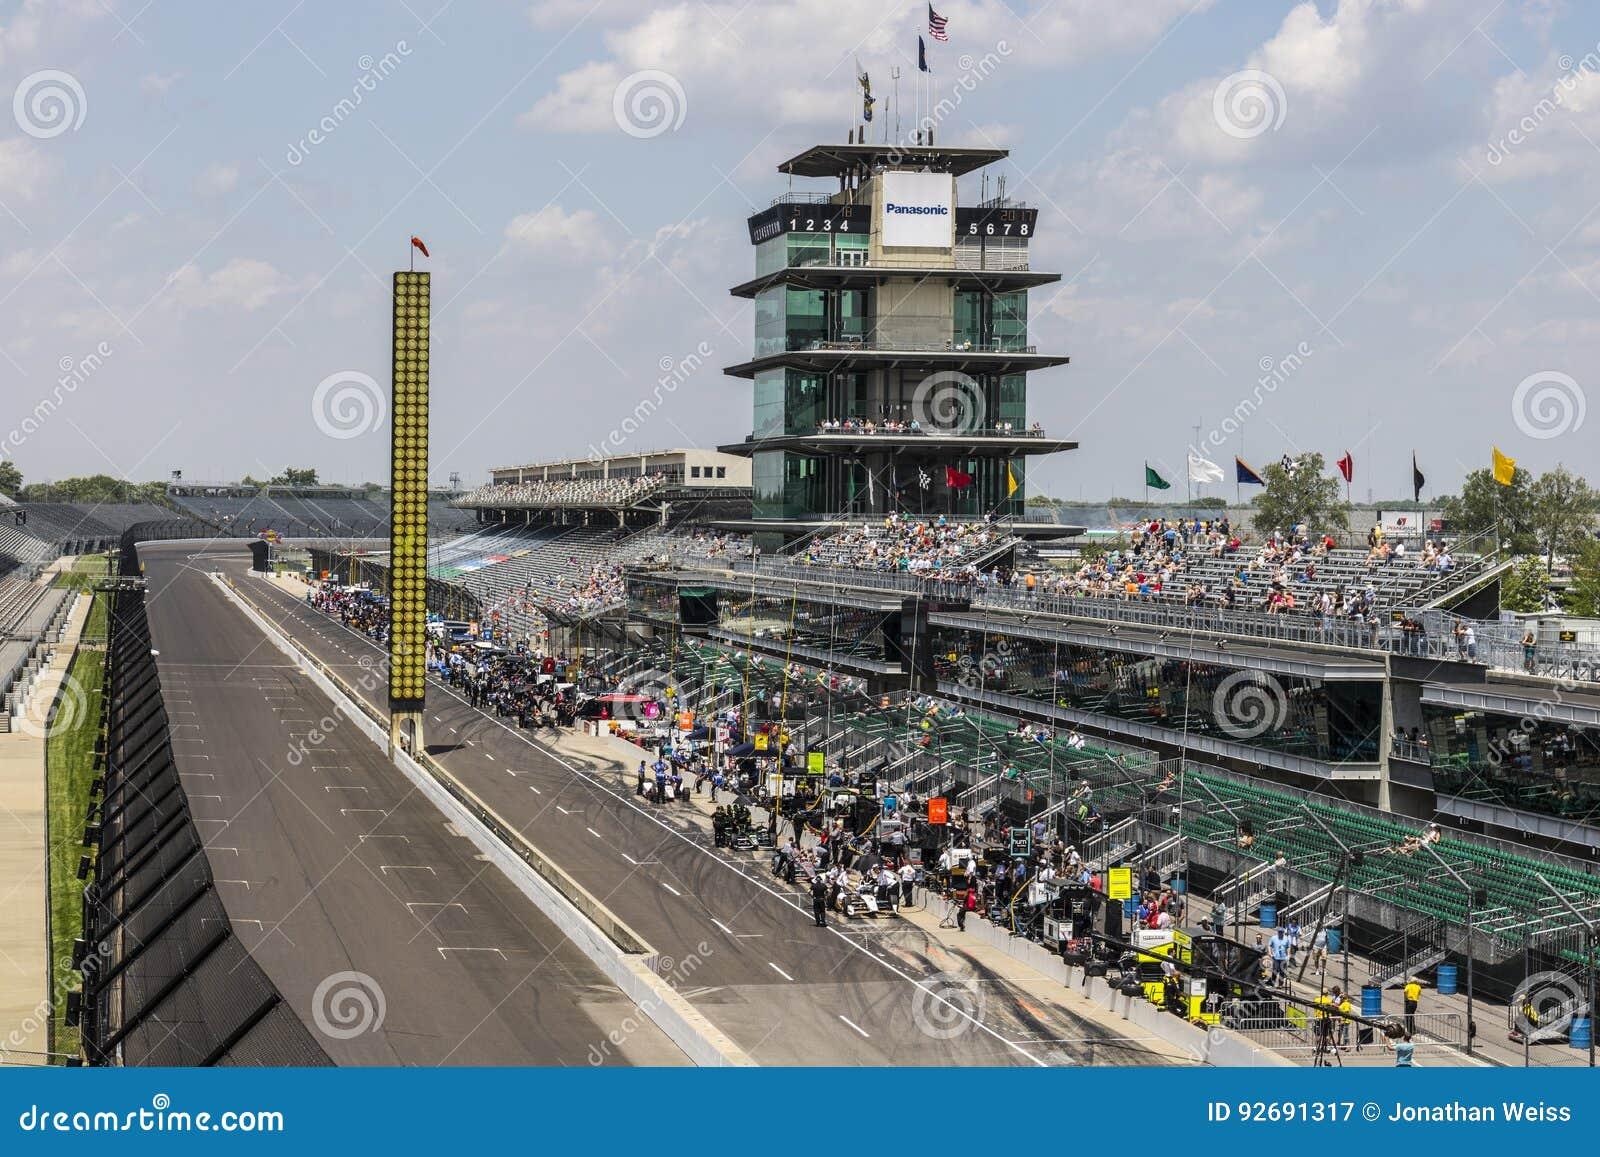 Indianapolis - Circa Mei 2017: De Panasonic-Pagode in Indianapolis Motor Speedway IMS treft voor van Indy 500 IV voorbereidingen